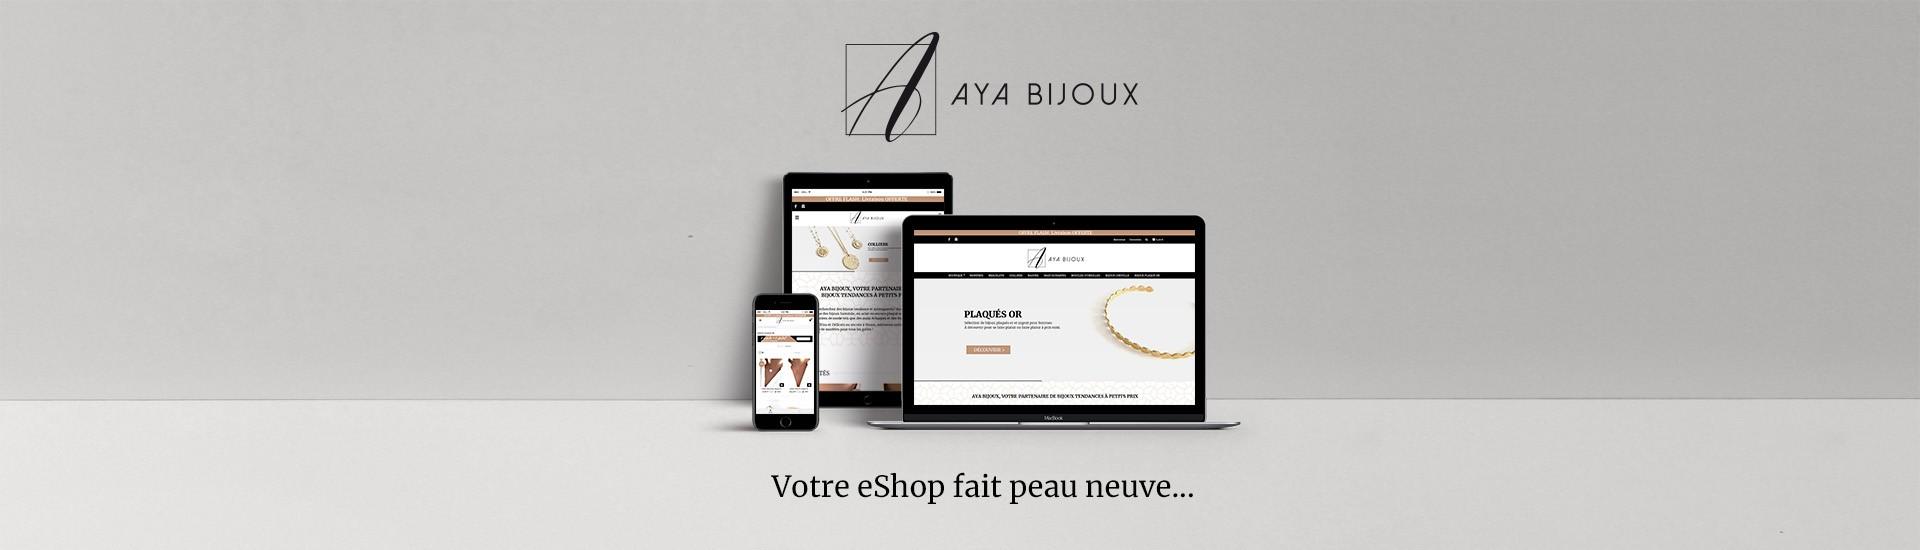 Nouveau site Aya Bijoux